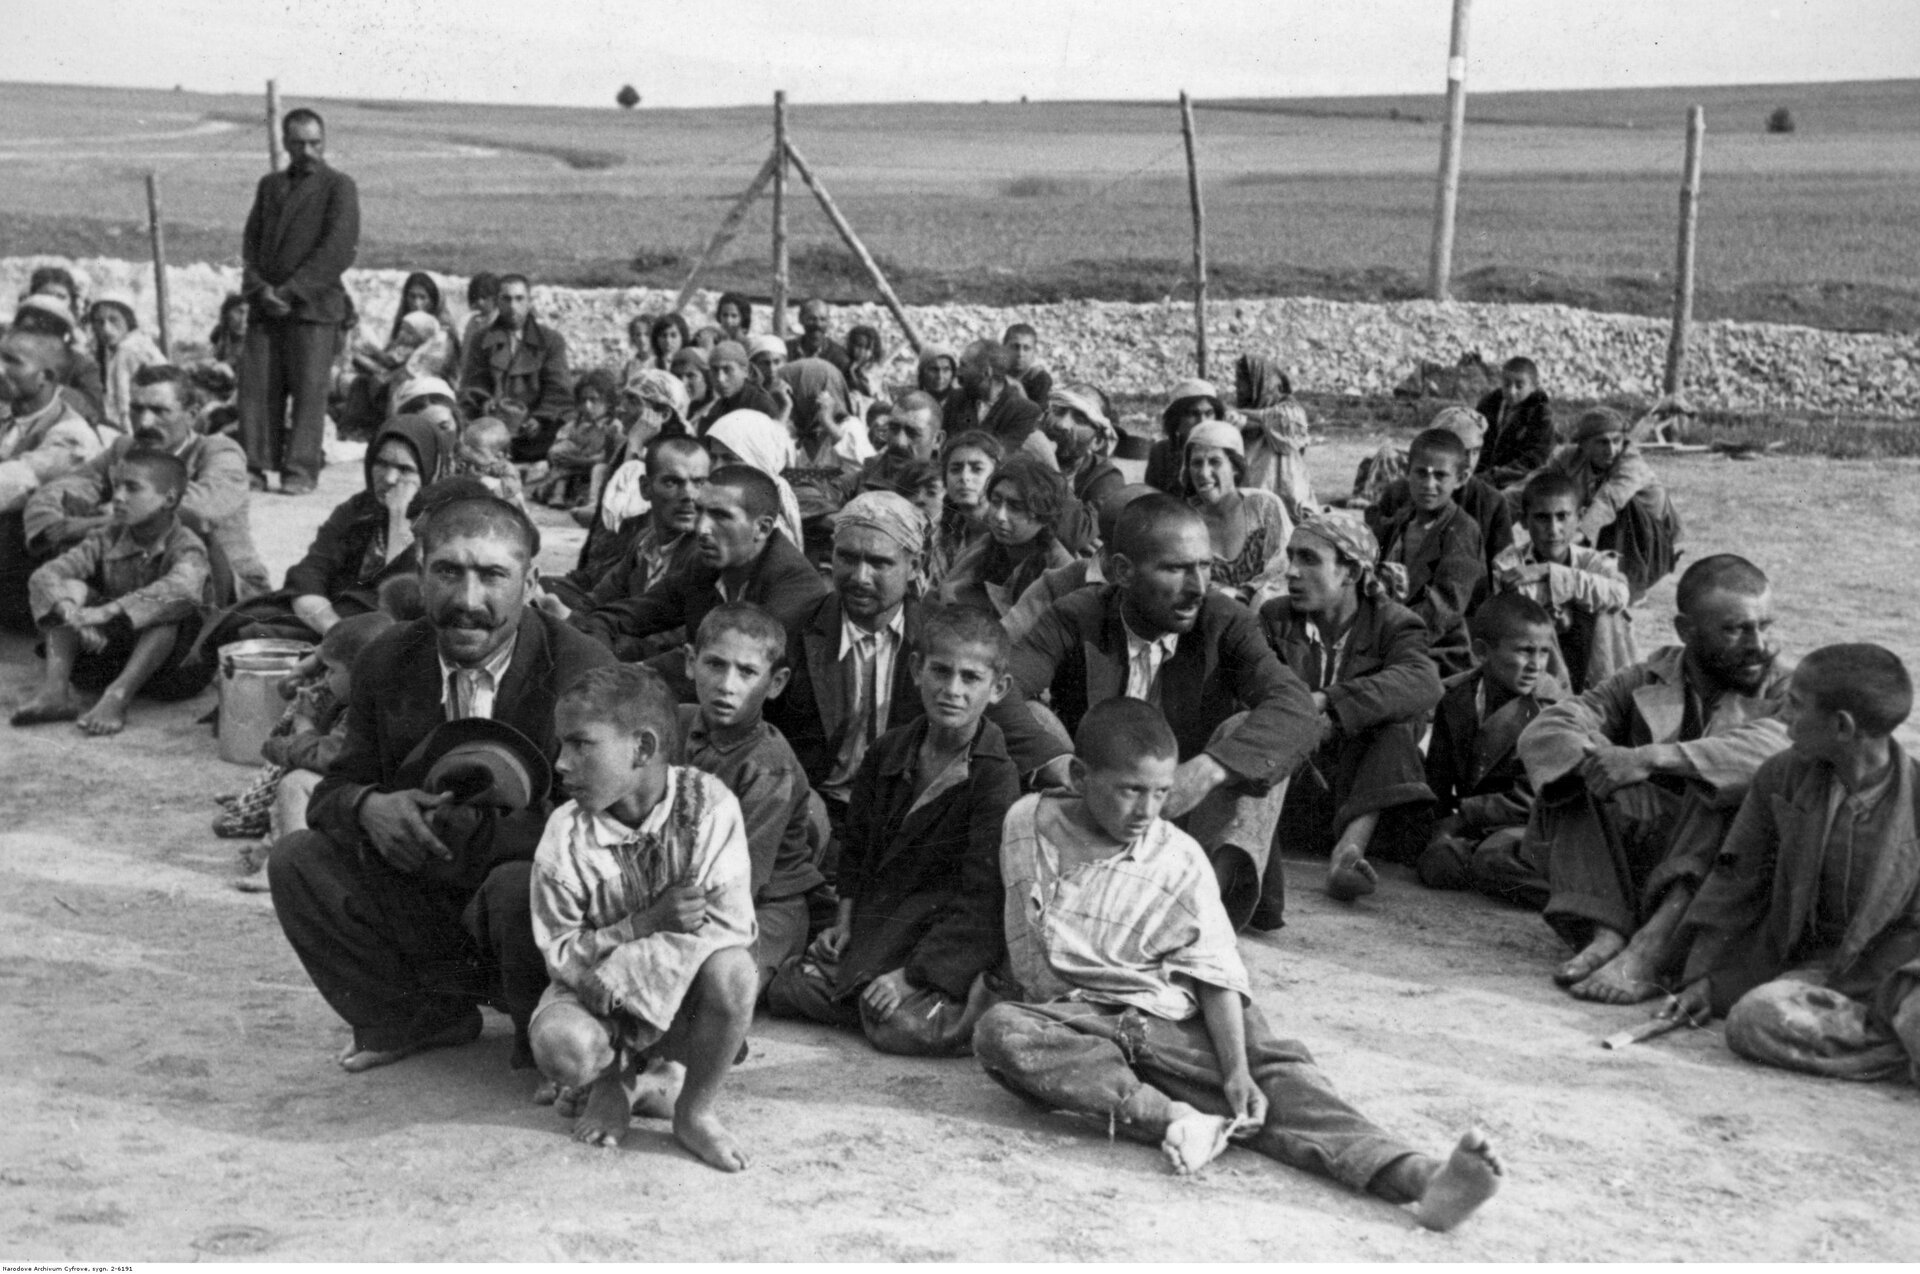 Stara fotografia. Na zdjęciu grupa Cyganów siedzących na ziemi, dorośli idzieci. Za nimi ogrodzenie. Jeden mężczyzna stoi przy ogrodzeniu.